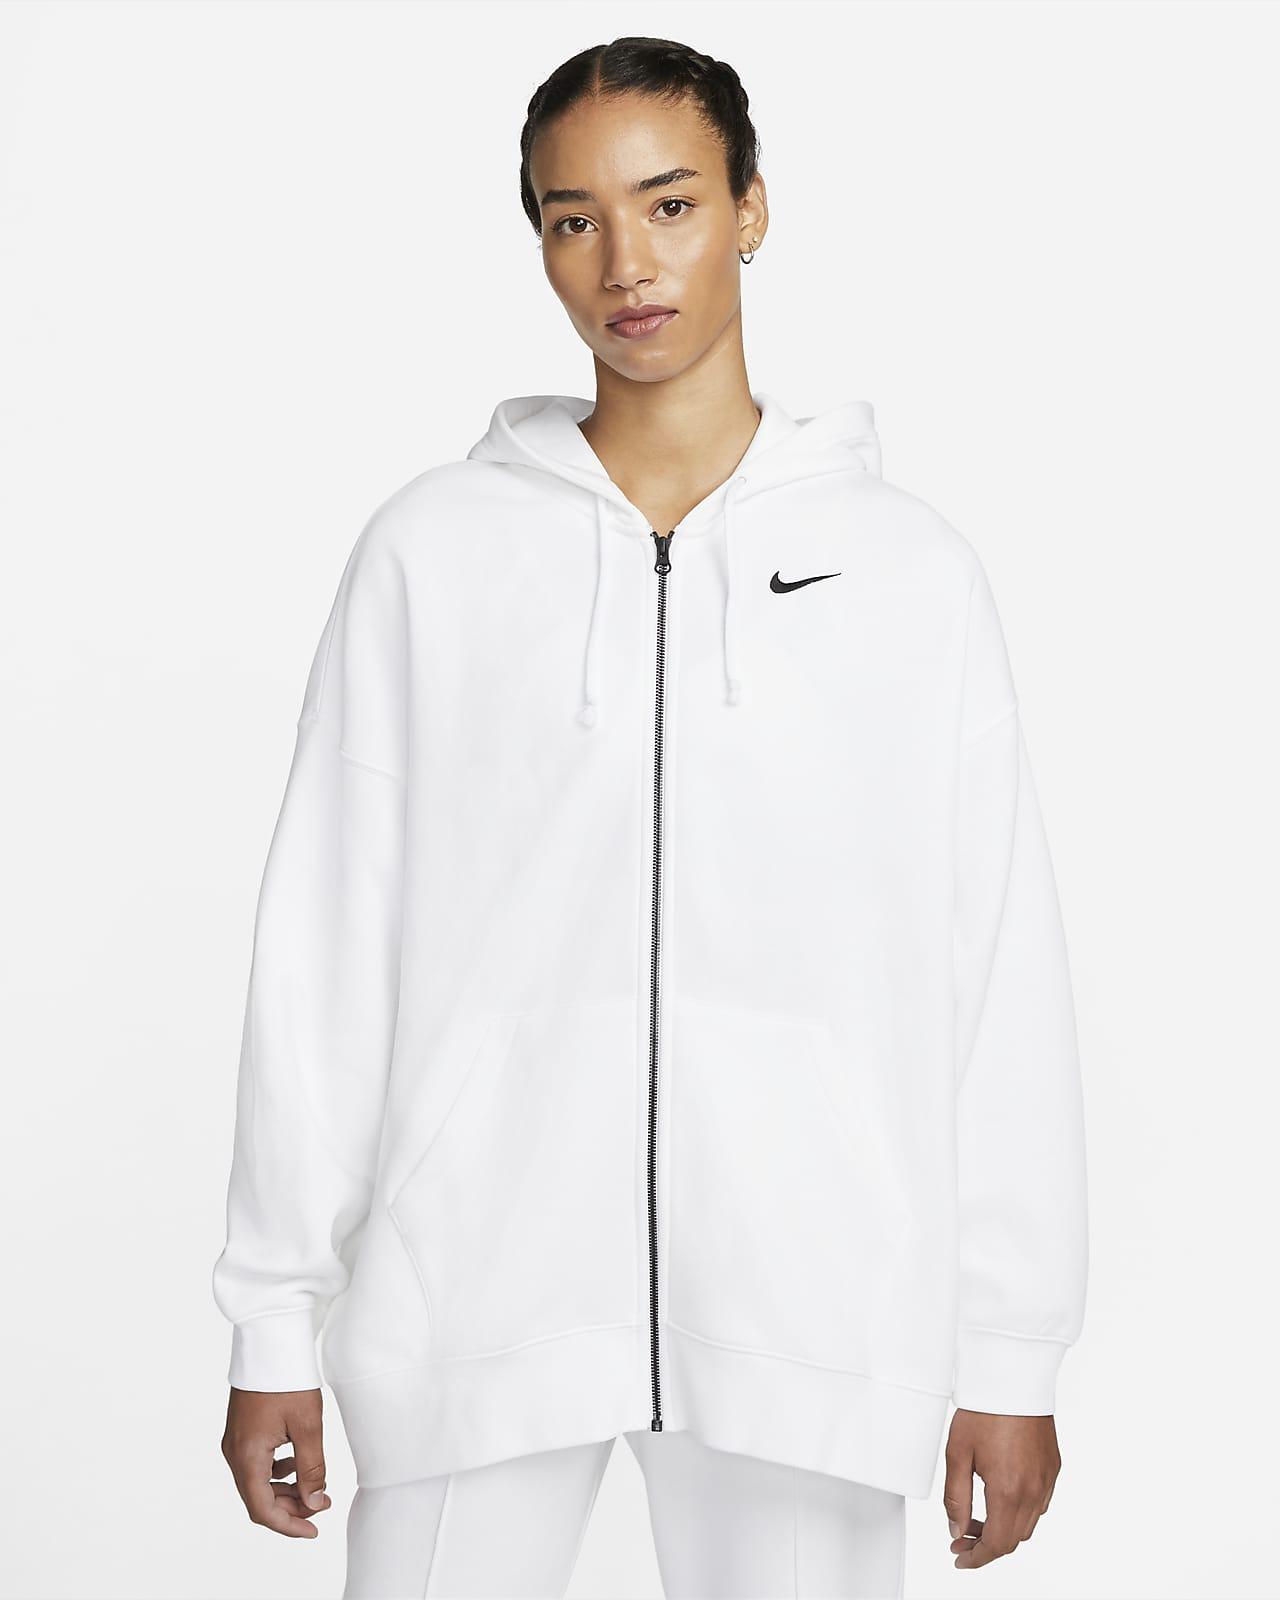 Nike Sportswear Essentials Women's Fleece Full-Zip Hoodie